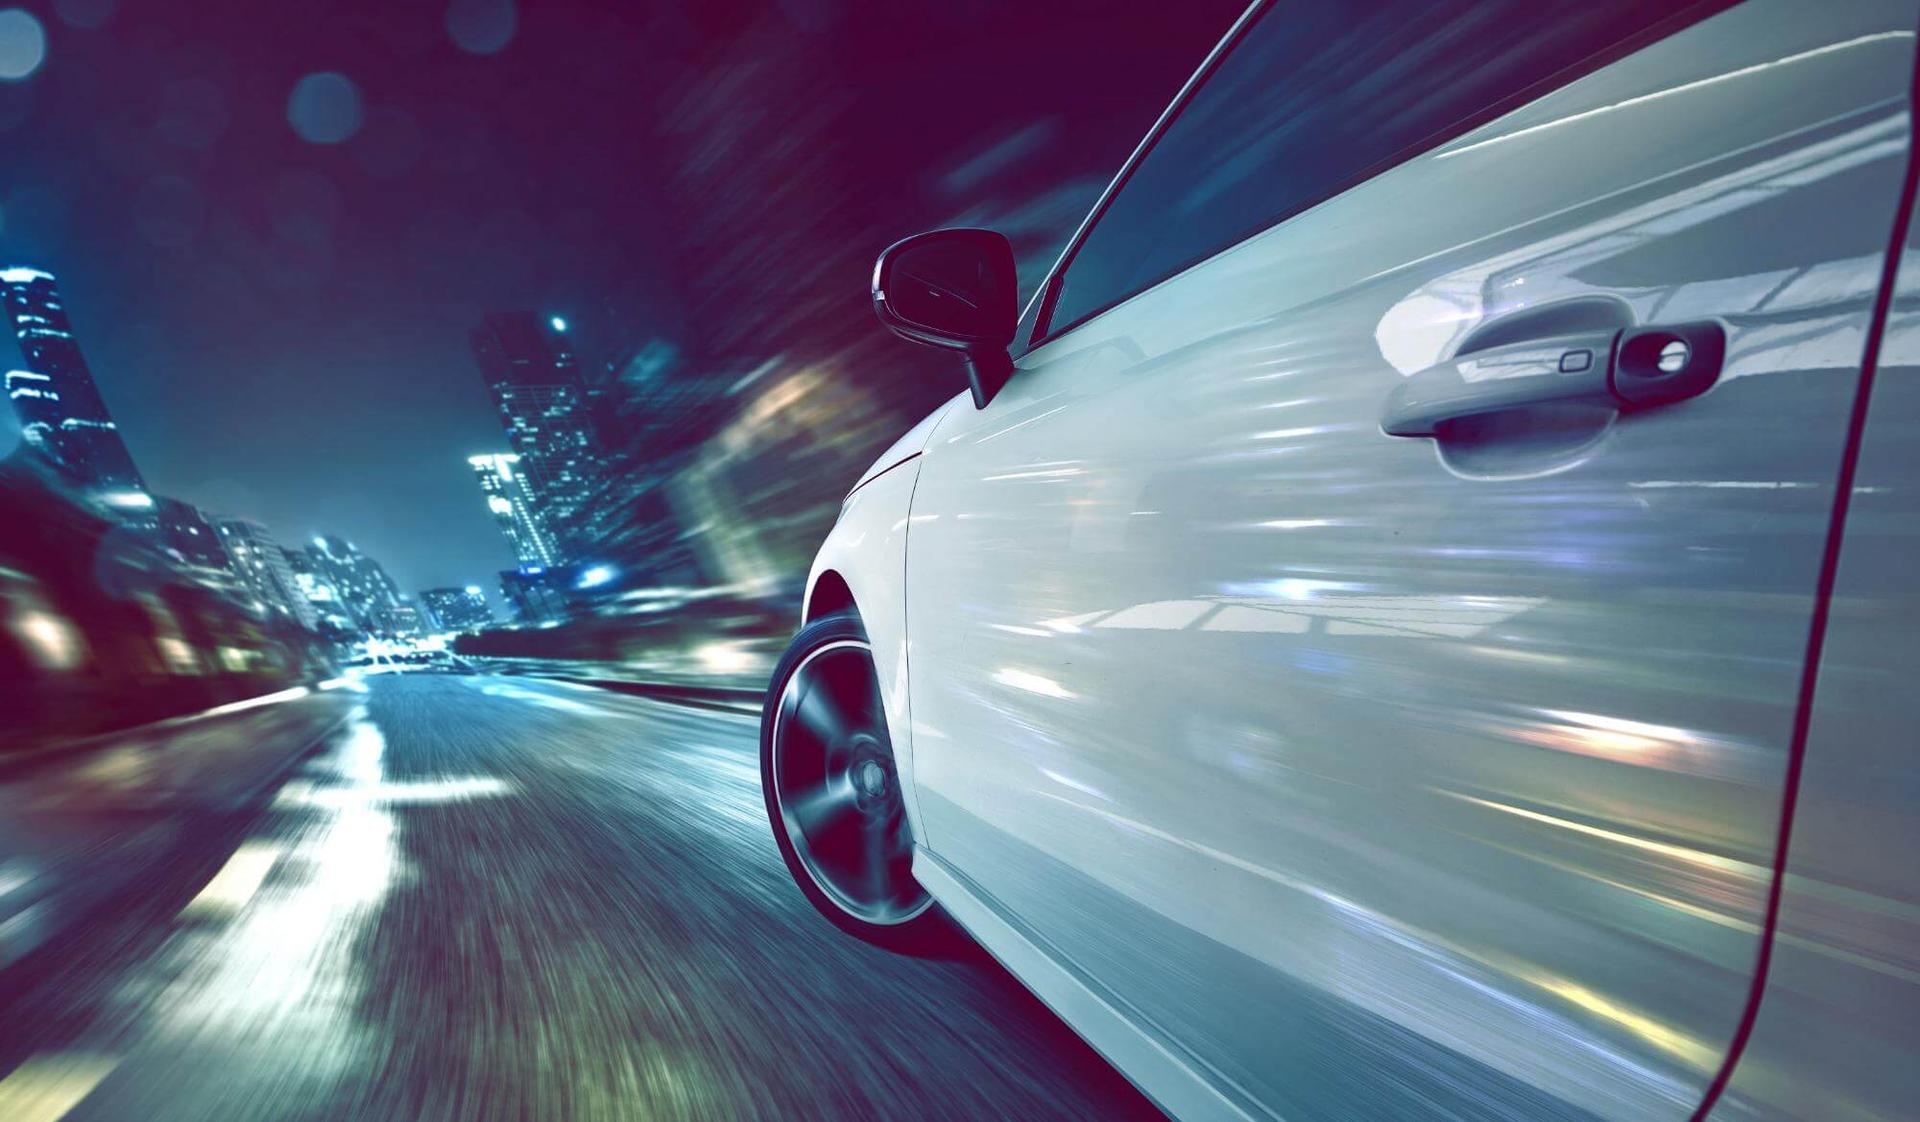 Ihr Spezialist für Neufahrzeuge & EU-Neuwagen - Unser EU Neuwagen Angebote bis zu 35 % günstiger als der deutsche Listenpreis!